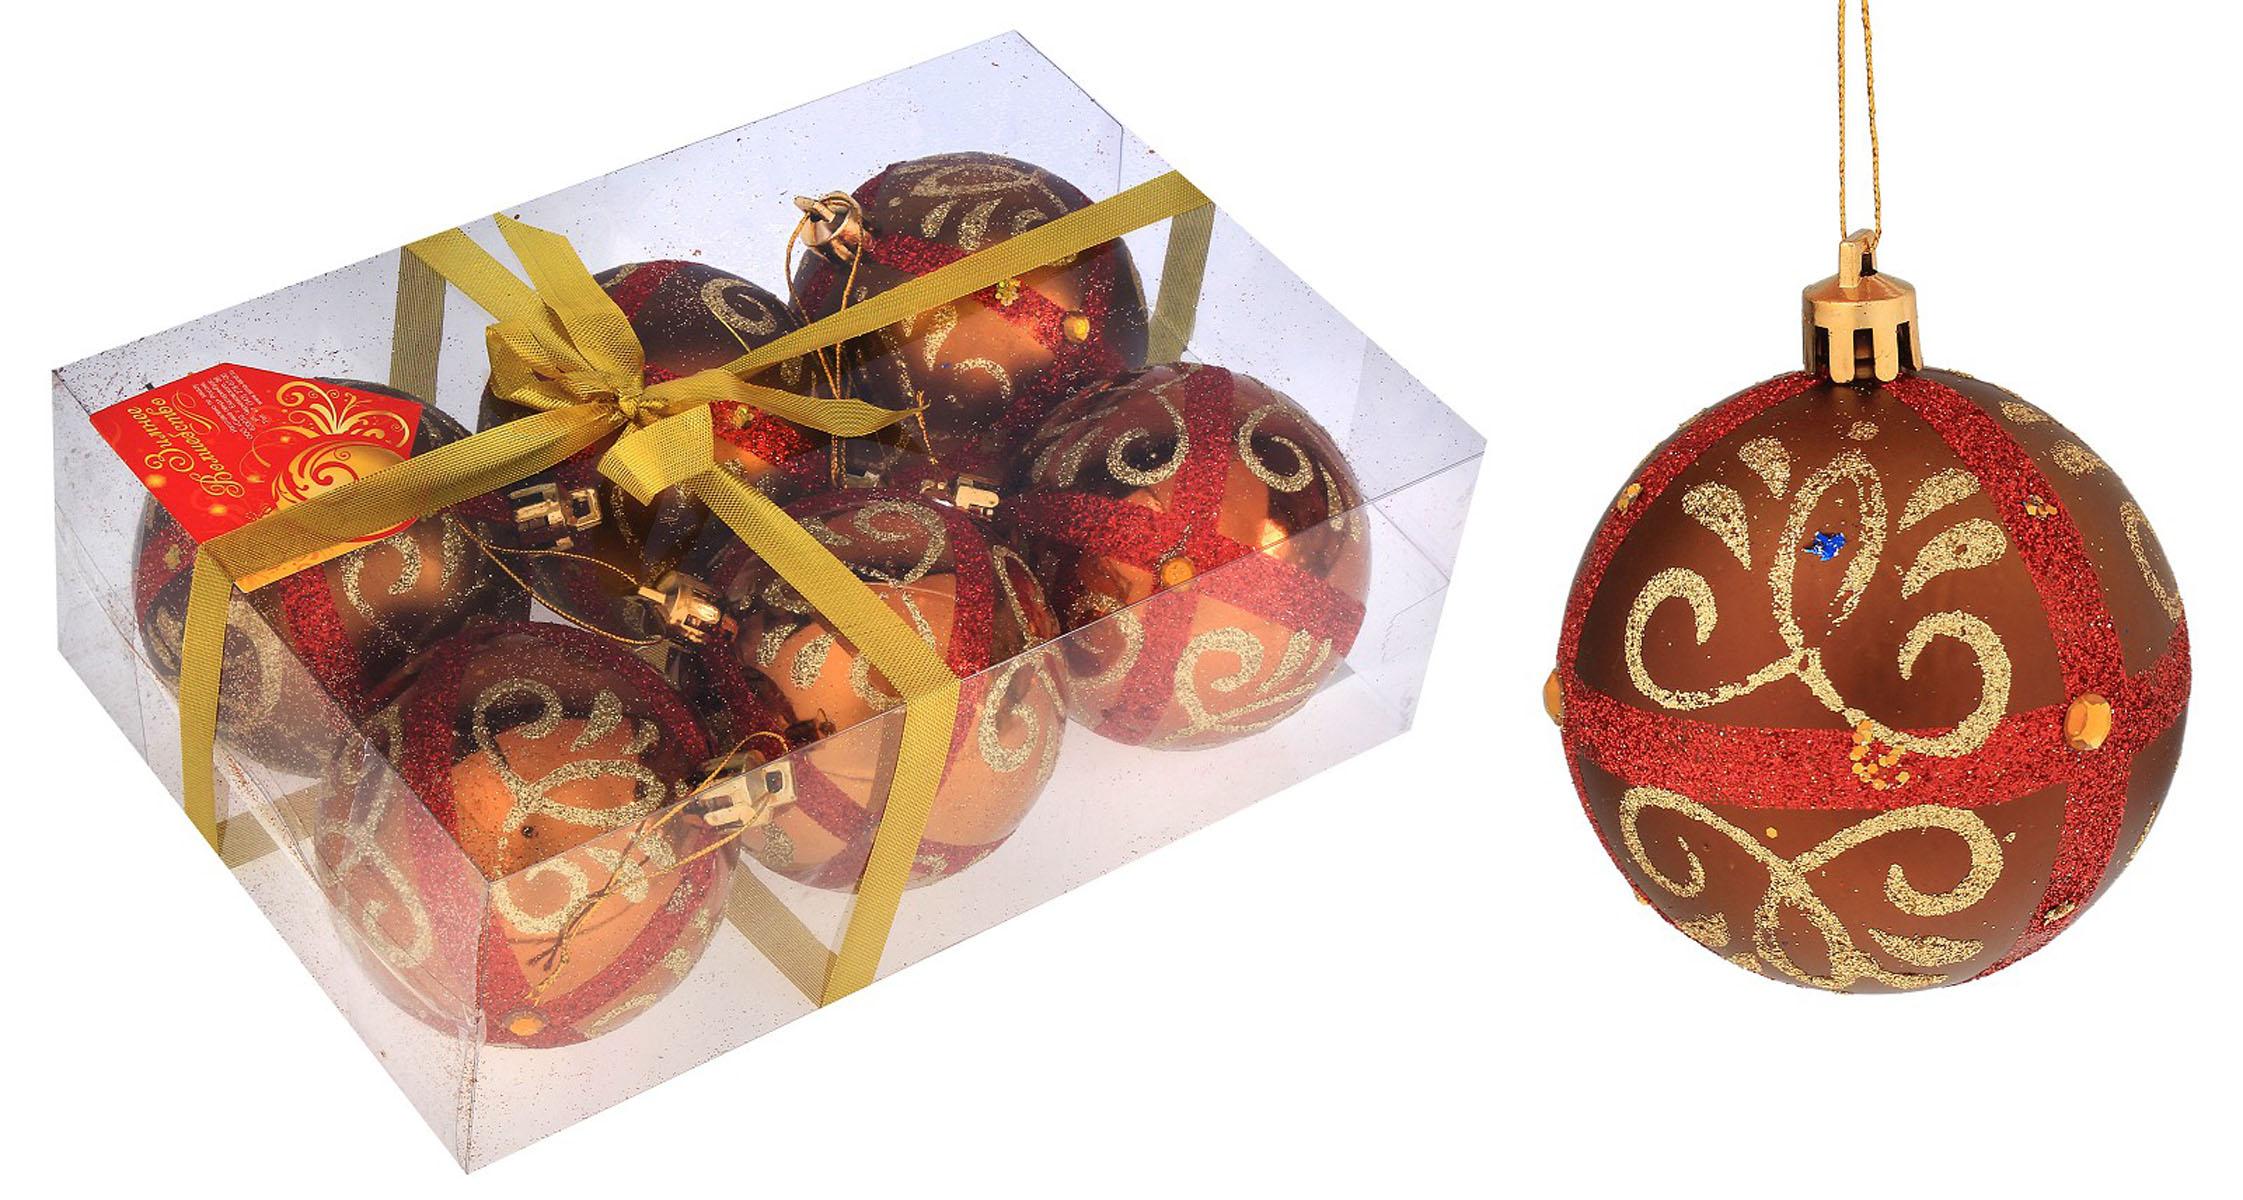 Набор новогодних подвесных украшений Sima-land Шар, цвет: коричневый, диаметр 7 см, 6 шт. 519853519853Набор новогодних подвесных украшений Sima-land Шар прекрасно подойдет для праздничного декора новогодней ели. Набор состоит из 6 игрушек, выполненных из пластика и украшенных блестками и стразами. Для удобного размещения на елке для каждой игрушки предусмотрена текстильная петелька. Елочная игрушка - символ Нового года. Она несет в себе волшебство и красоту праздника. Создайте в своем доме атмосферу веселья и радости, украшая новогоднюю елку нарядными игрушками, которые будут из года в год накапливать теплоту воспоминаний. Коллекция декоративных украшений принесет в ваш дом ни с чем не сравнимое ощущение волшебства! Откройте для себя удивительный мир сказок и грез. Почувствуйте волшебные минуты ожидания праздника, создайте новогоднее настроение вашим дорогим и близким.